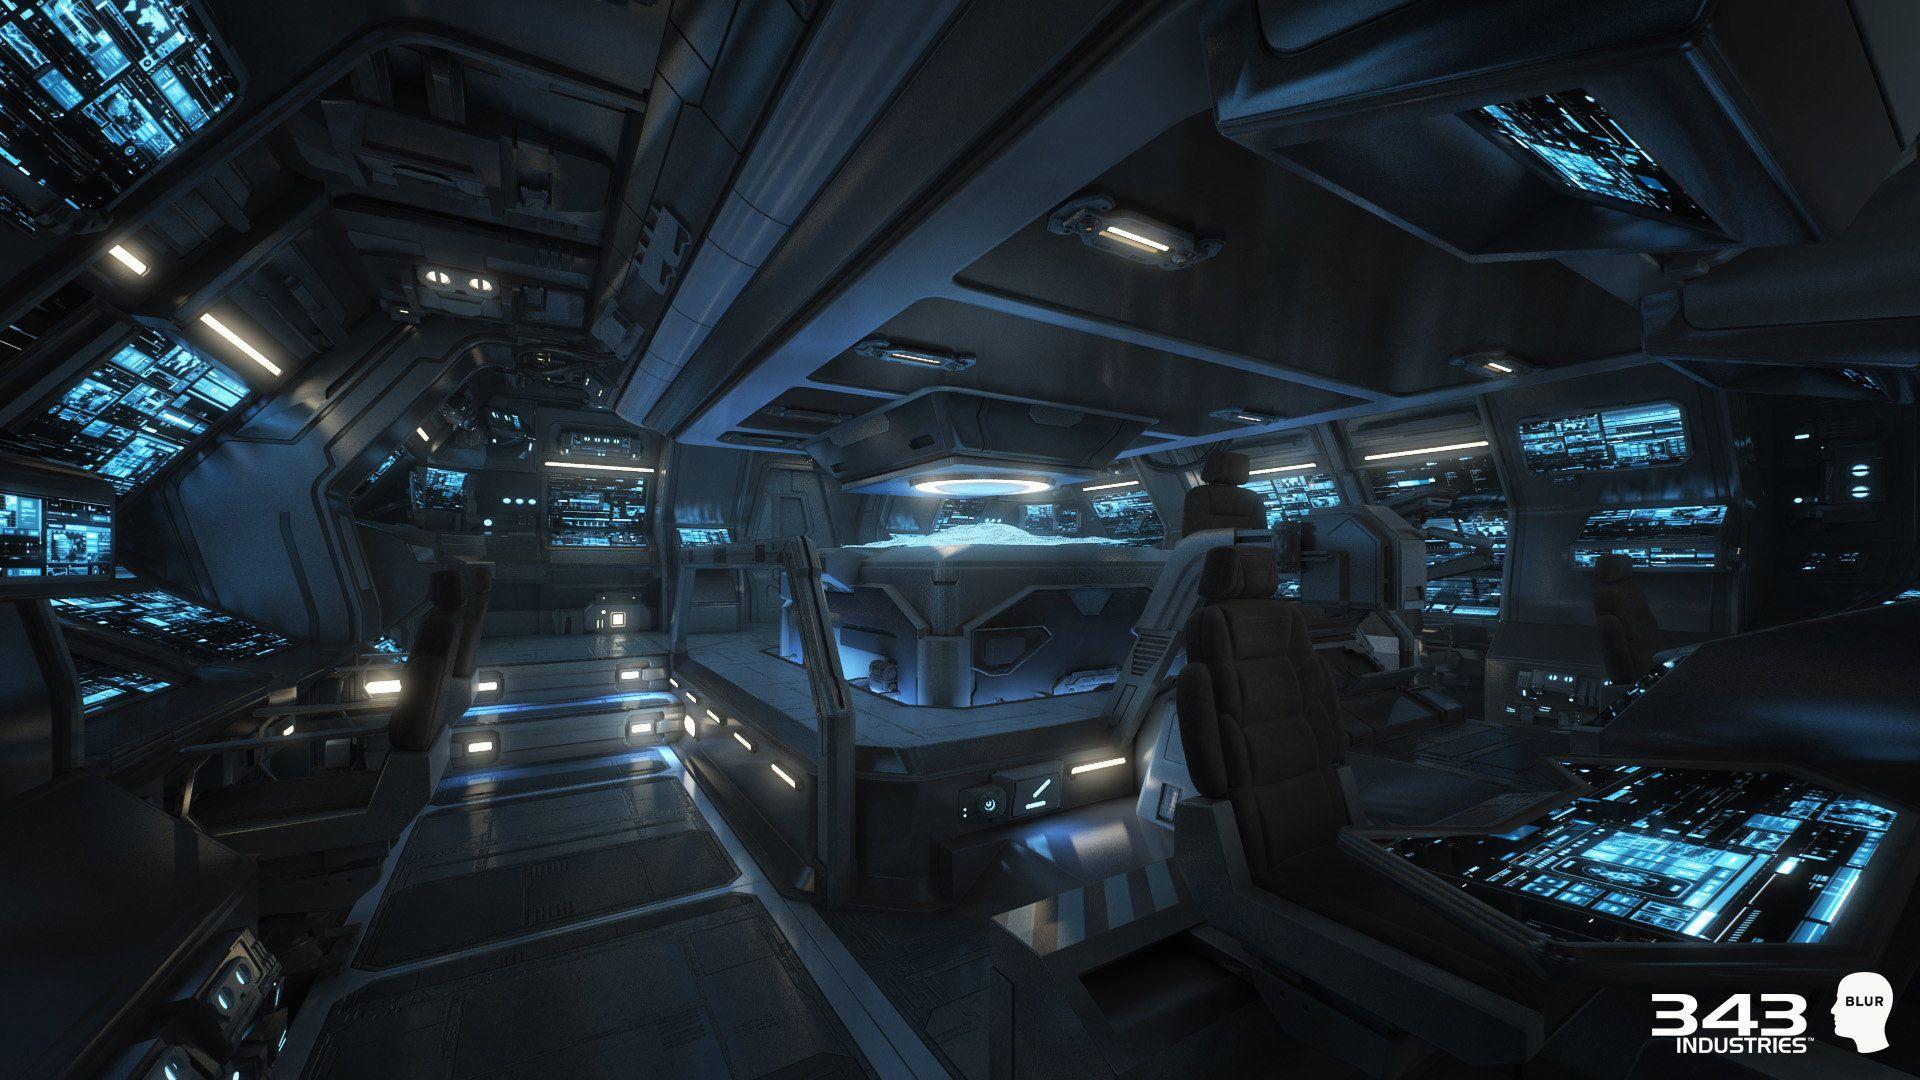 pingl par vito malcolm sur level design sci fi concepts pinterest vaisseau vaisseaux. Black Bedroom Furniture Sets. Home Design Ideas